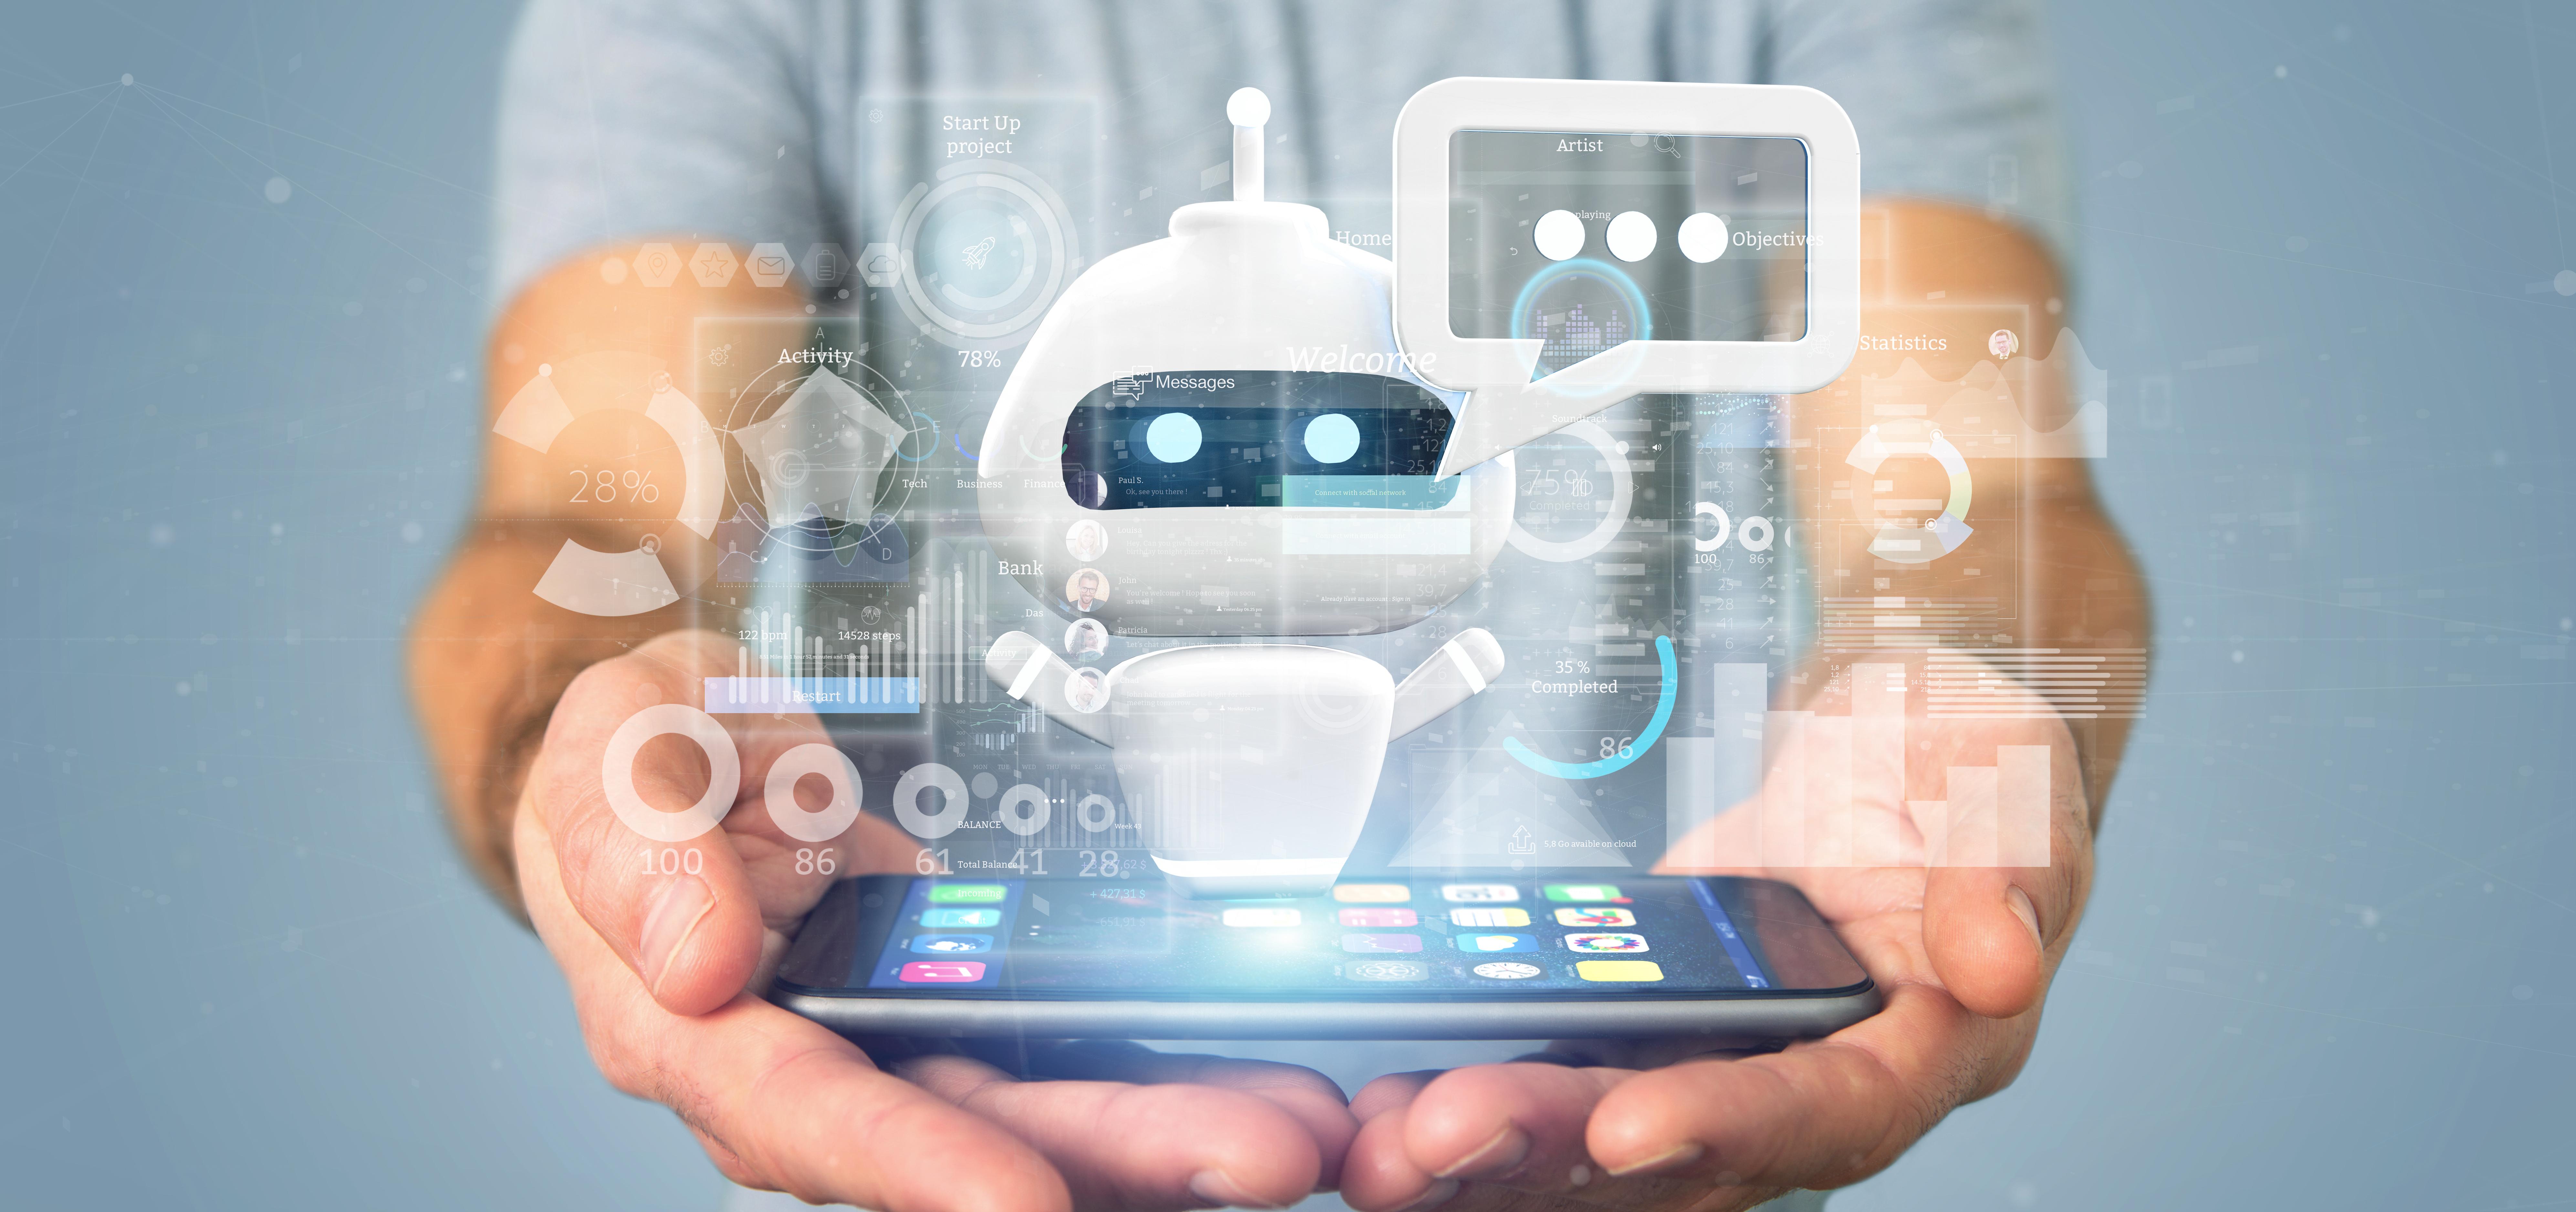 Mitos y realidades sobre los chatbots